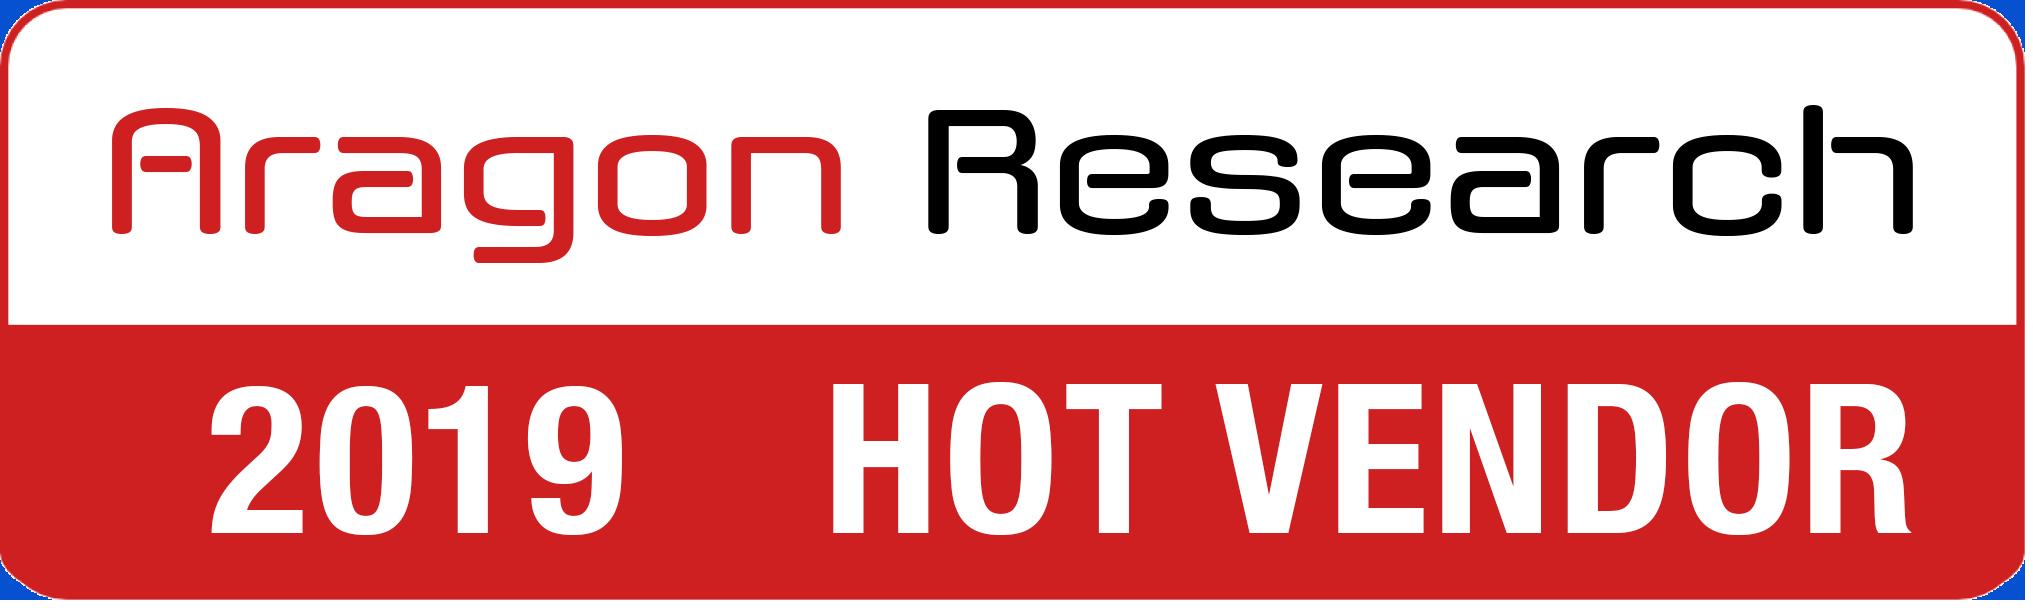 Aragon Research Hot Vendor 2019